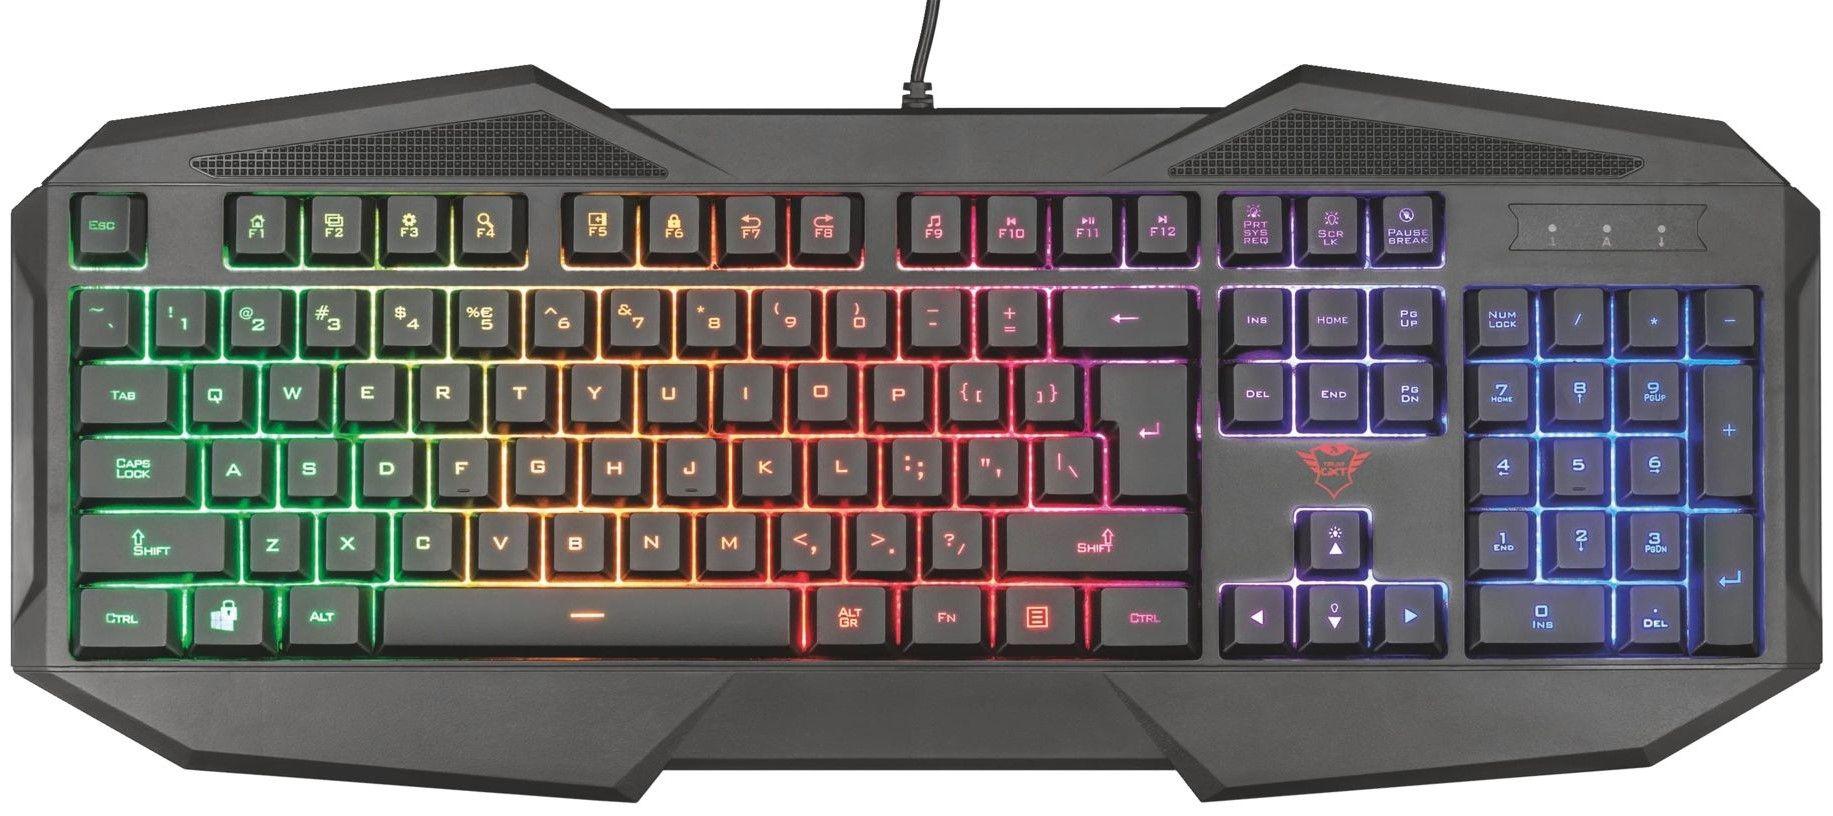 Гейминг клавиатура Trust GXT 830-RW Avonn - 1